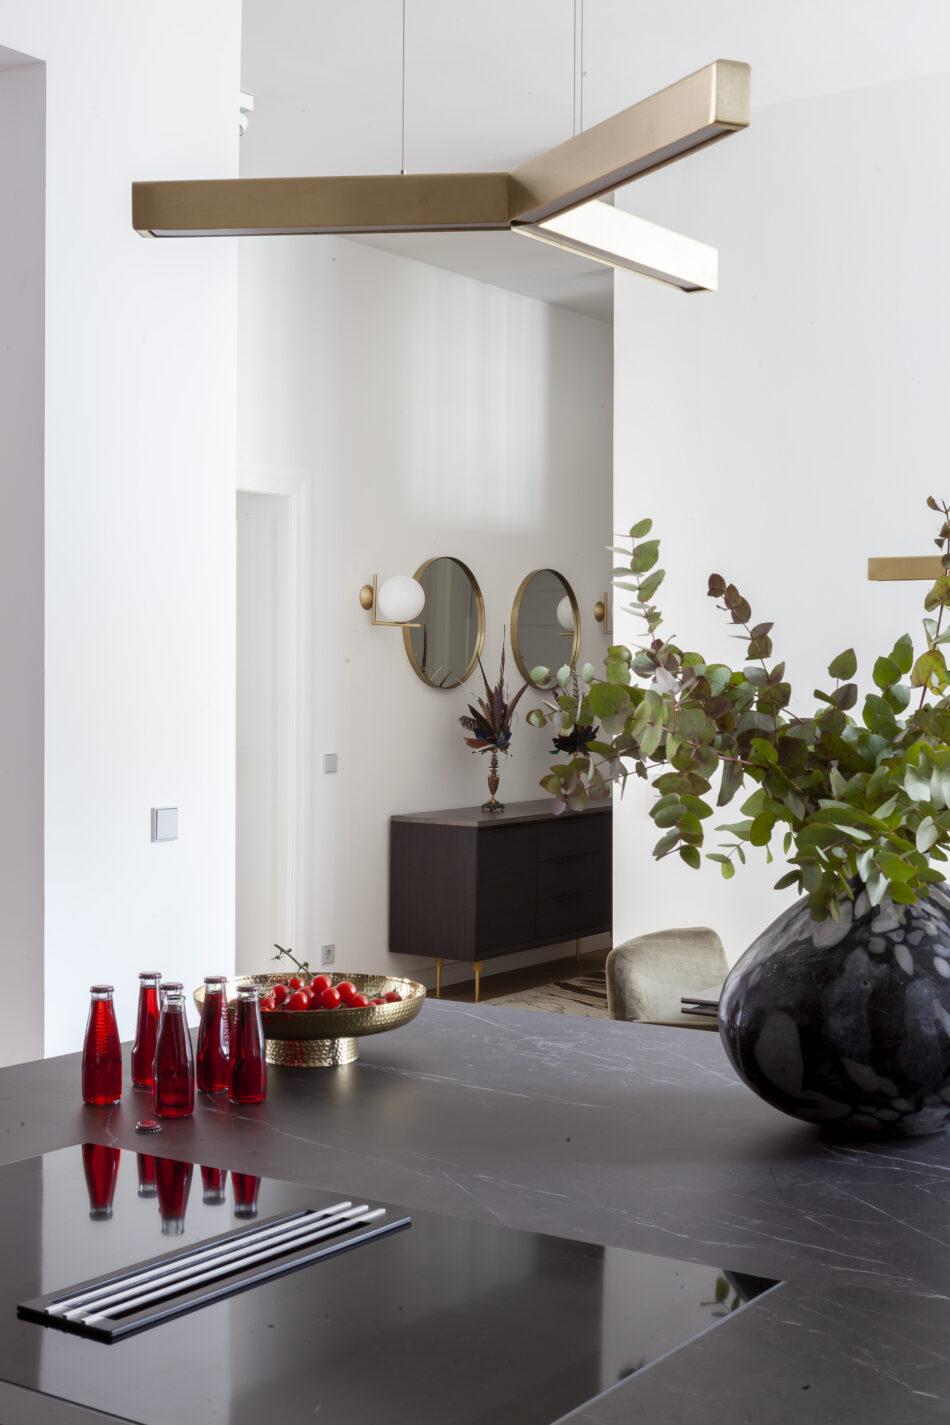 Antonius Schimmelbusch_Apartment_Berlin_Anne-Catherine Scoffoni_privat_10